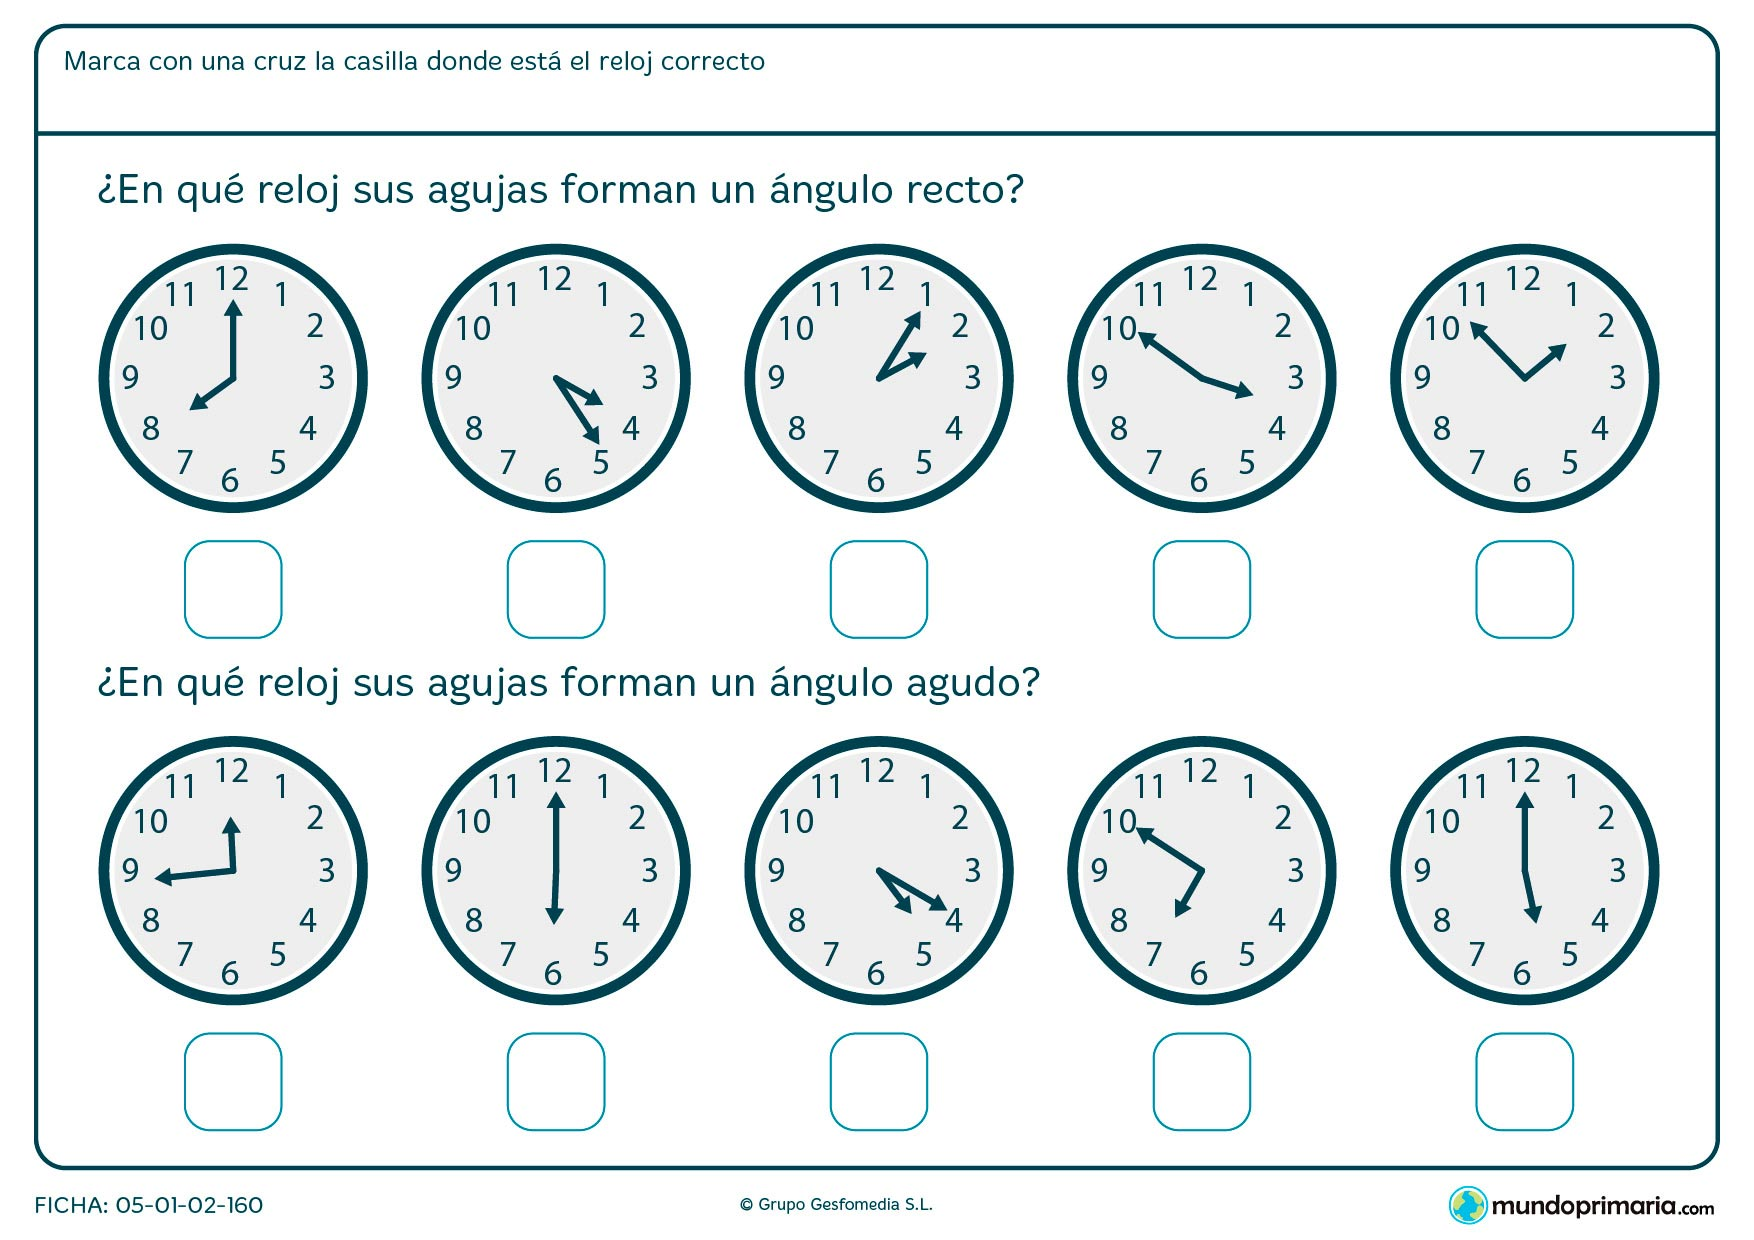 Ficha de ángulos de reloj en la que deberás marcar la respuesta correcta sobre el ángulo que forman sus agujas.